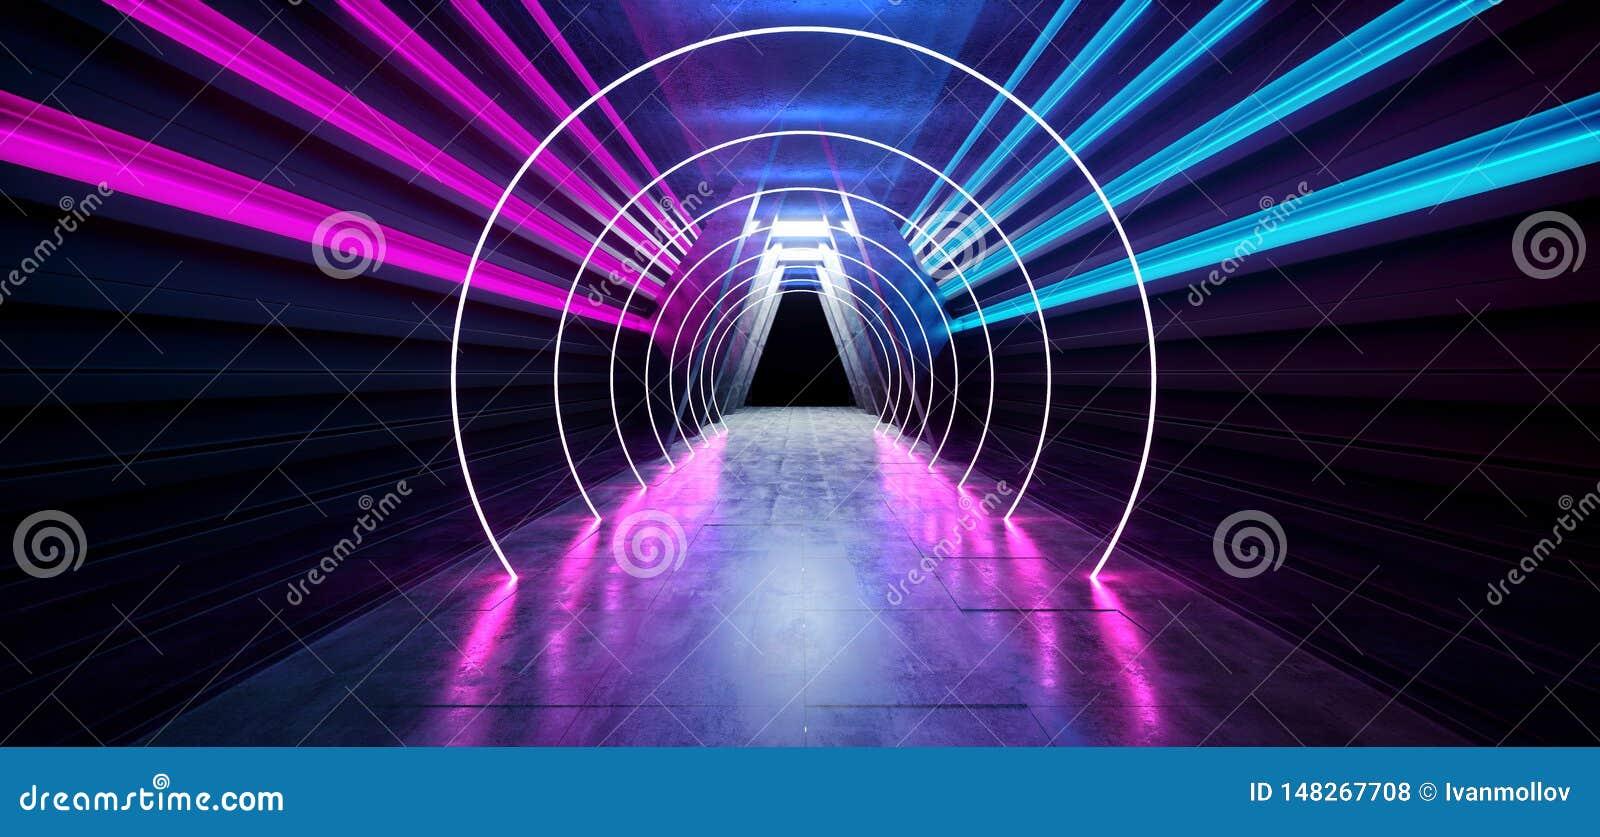 激光展示阶段霓虹减速火箭的现代科学幻想小说未来派典雅的未来具体走廊三角塑造黑暗的空的陈列室演播室